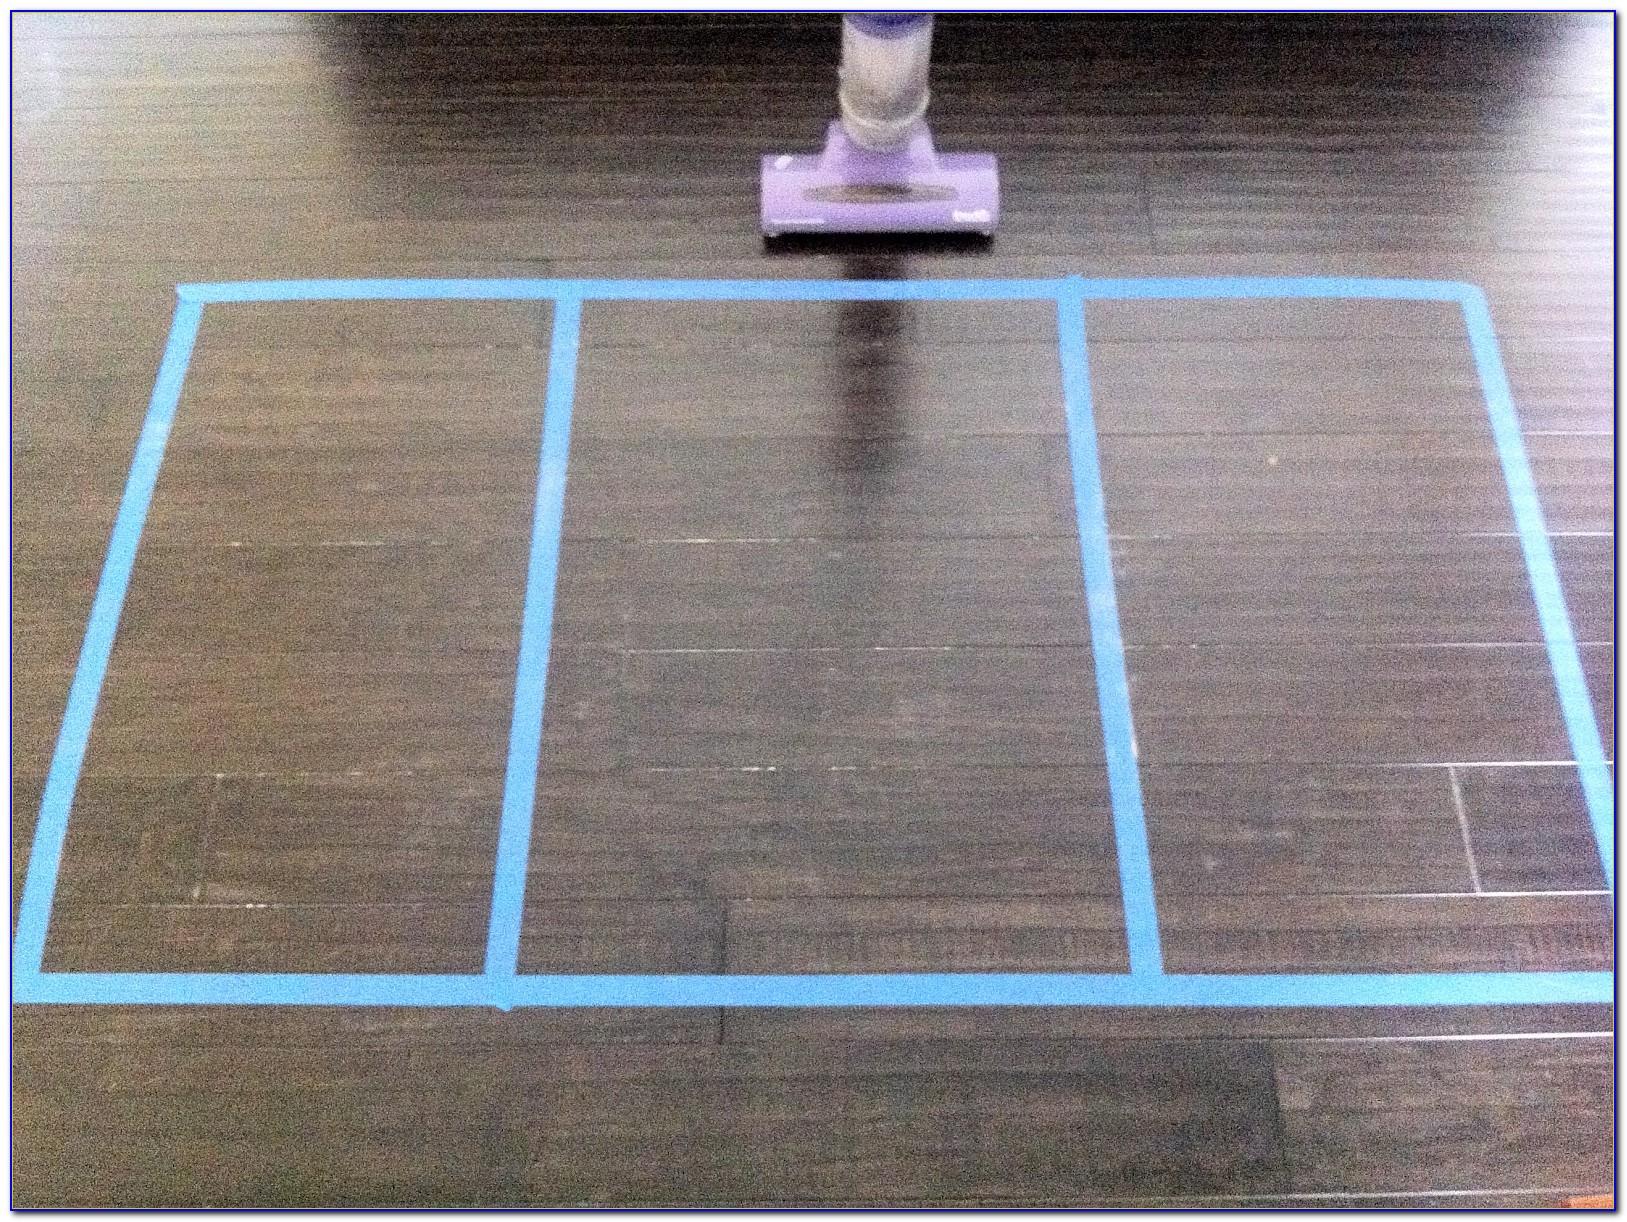 Best Vacuum For Laminate Floors 2014